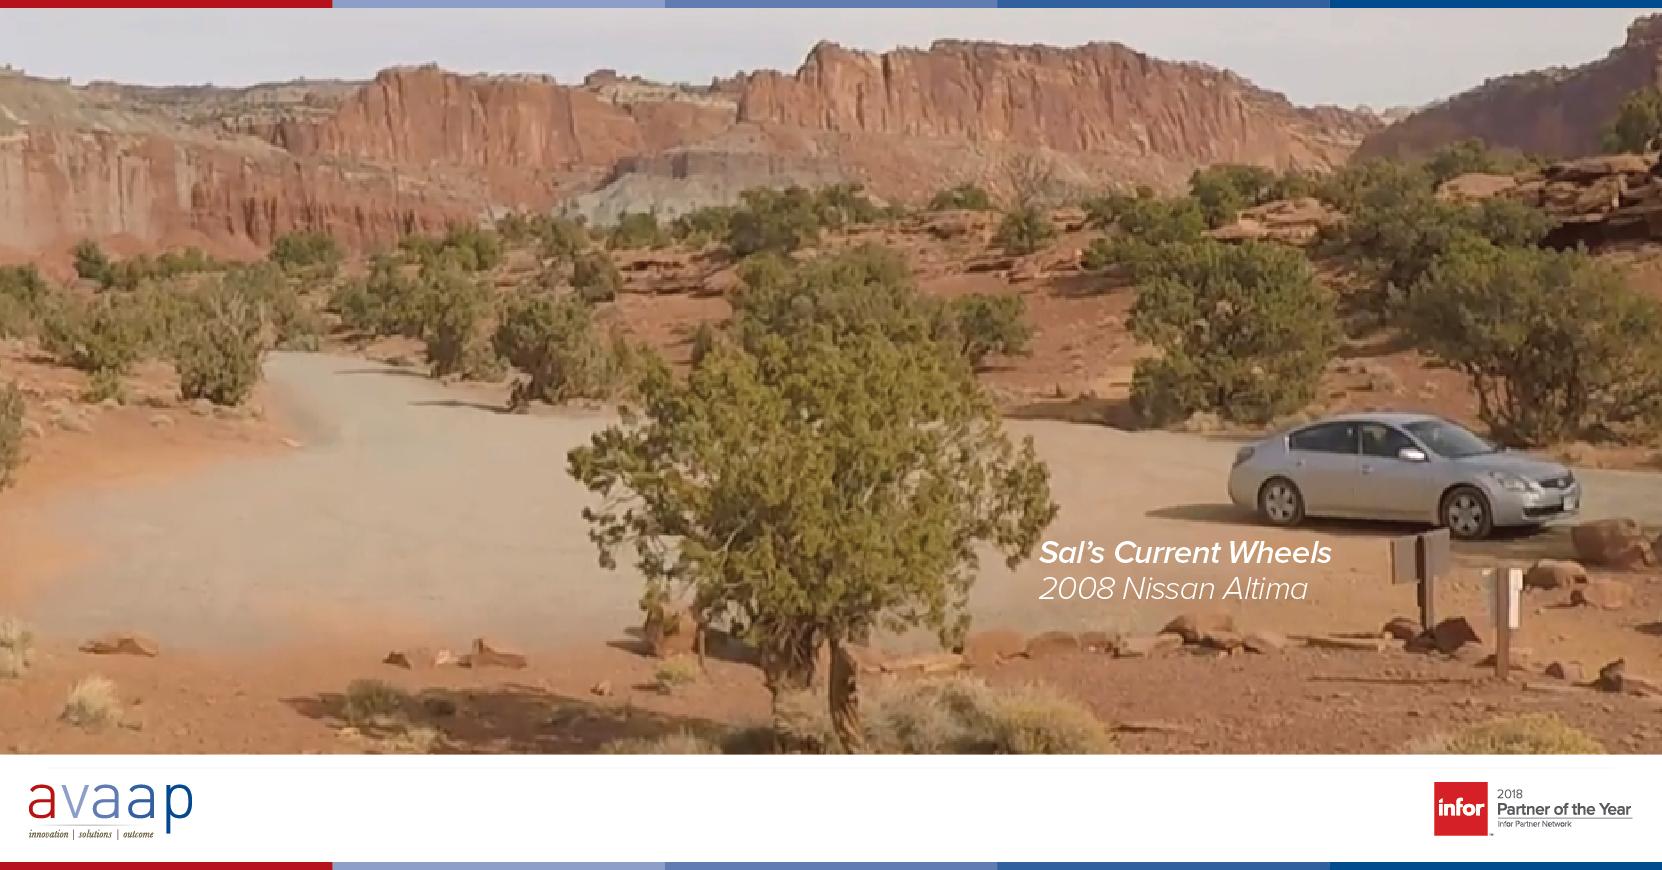 Car in desert analytics